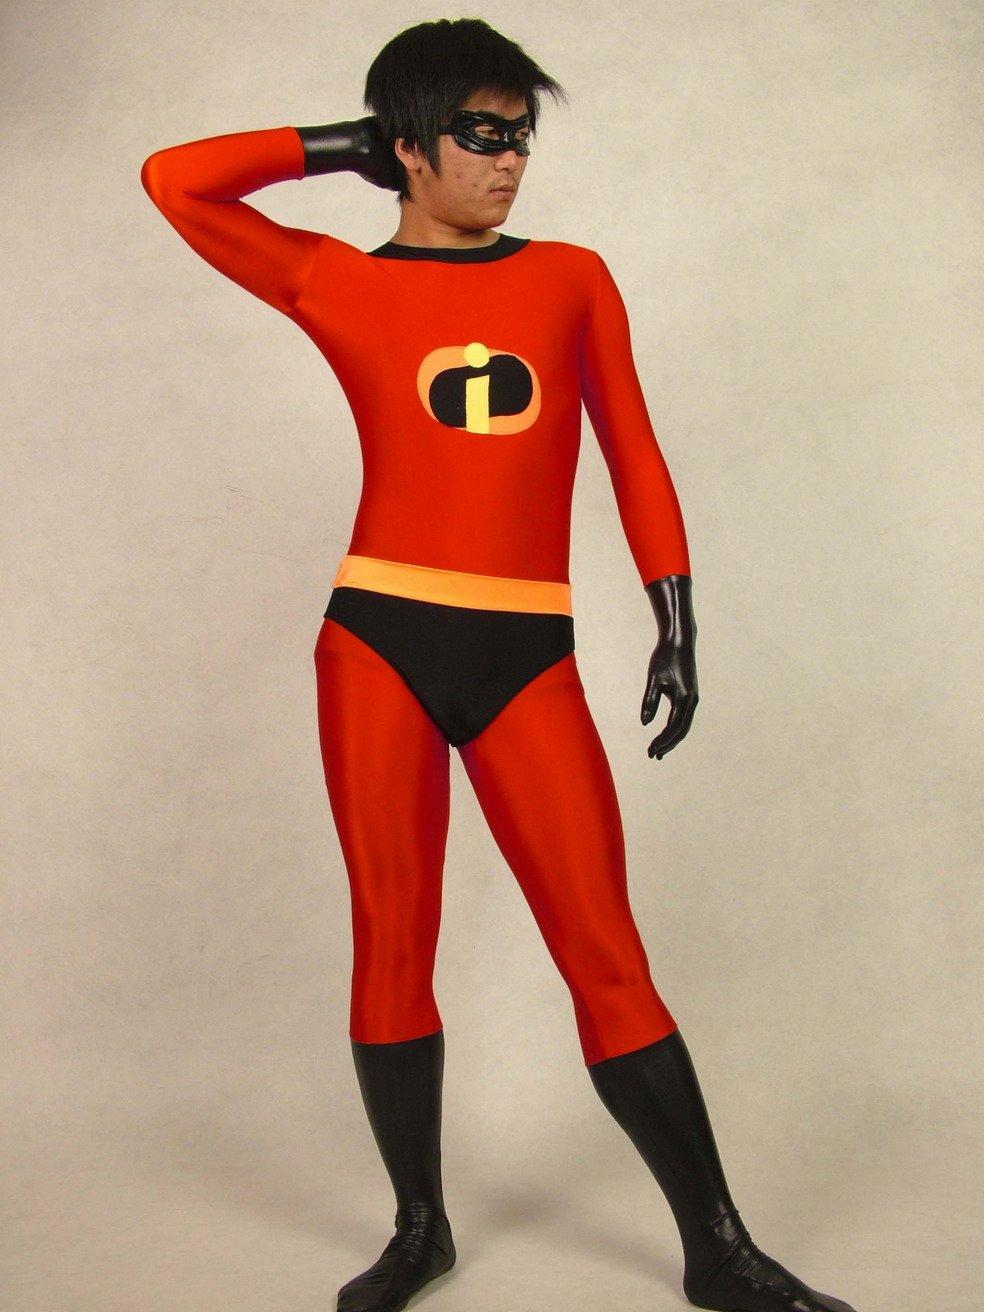 Incredible Superhero Halloween